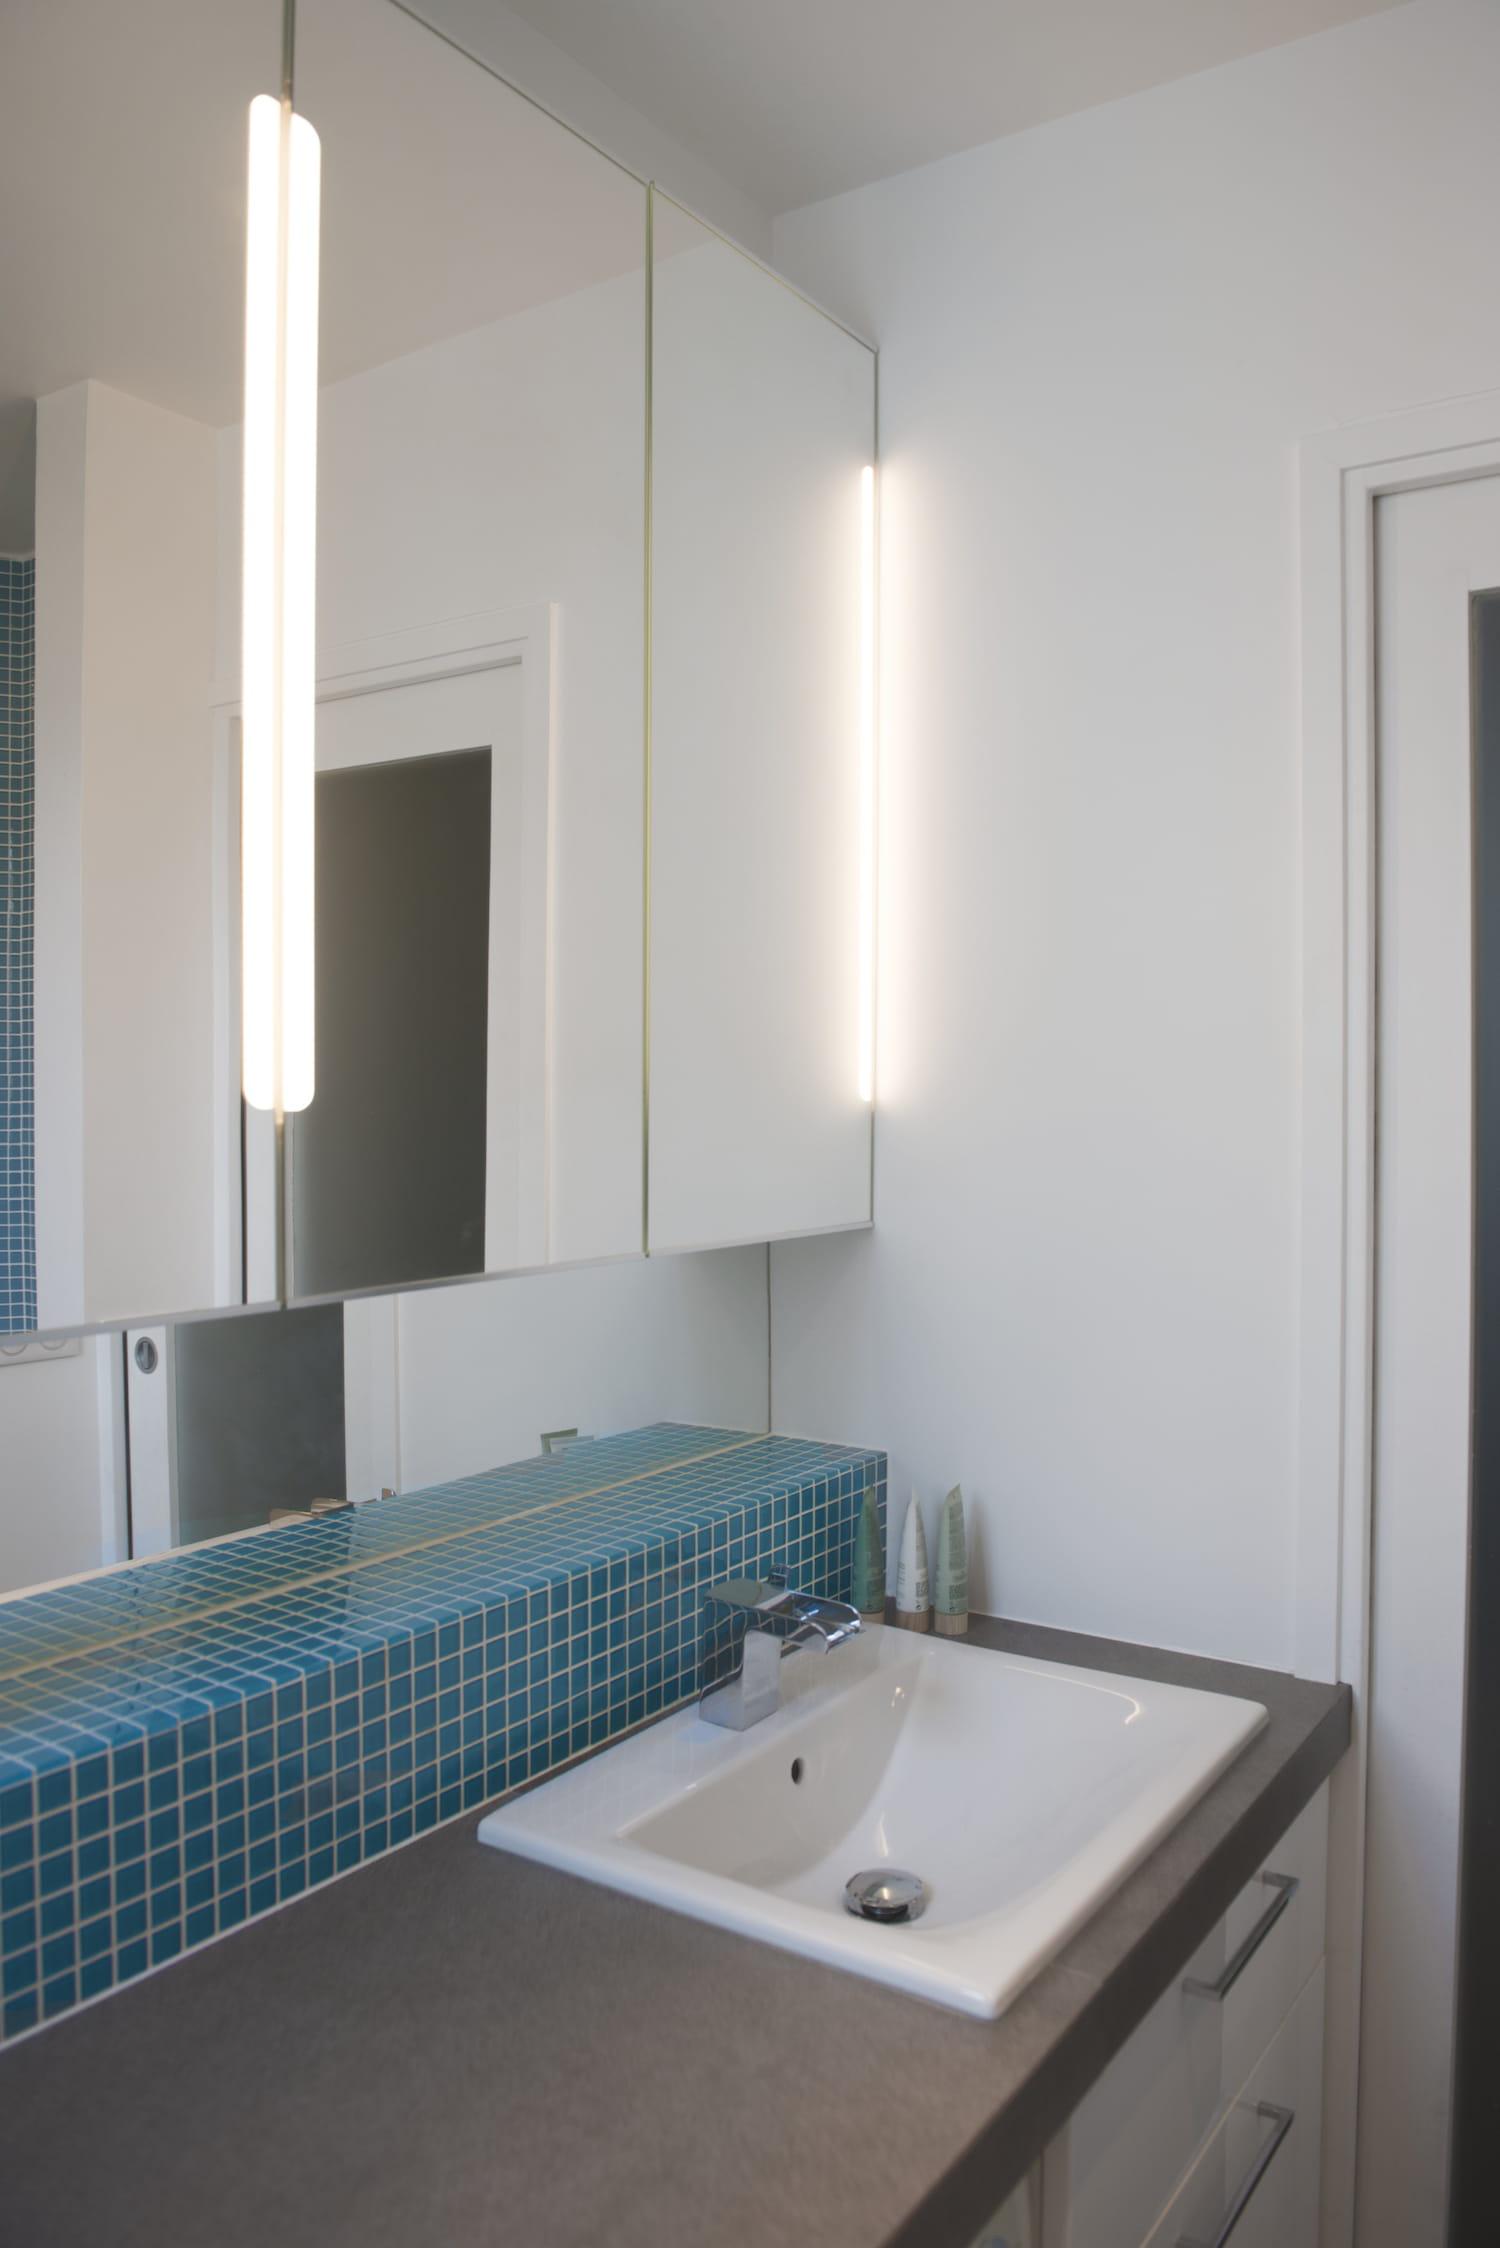 Lavabo Coin : Un coin lavabo lumineux m² et bourré d